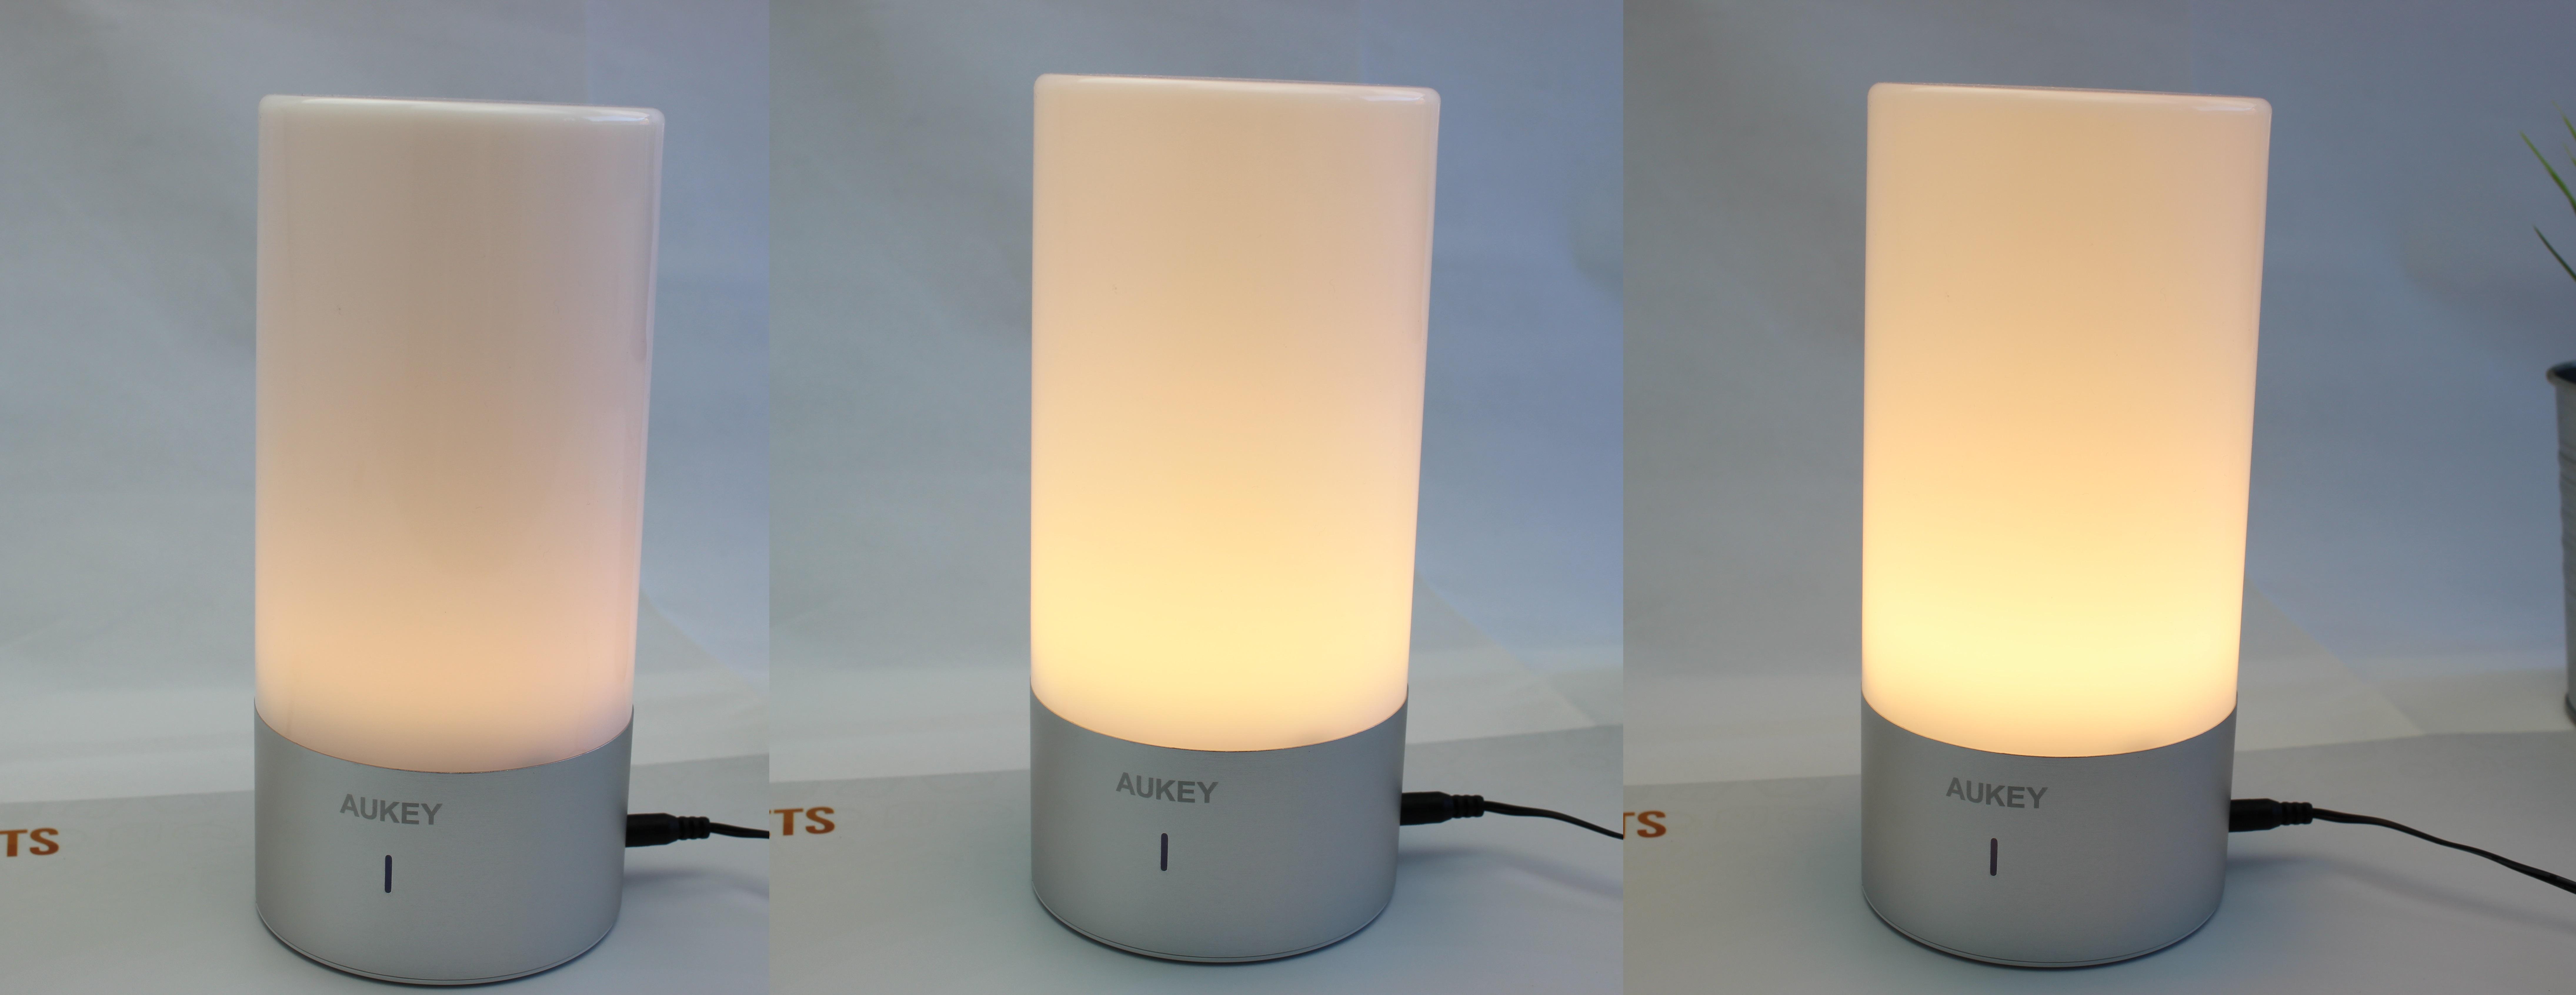 aukey nachttischlampe lt t6 mit rgb modus und drei helligkeitsstufen. Black Bedroom Furniture Sets. Home Design Ideas